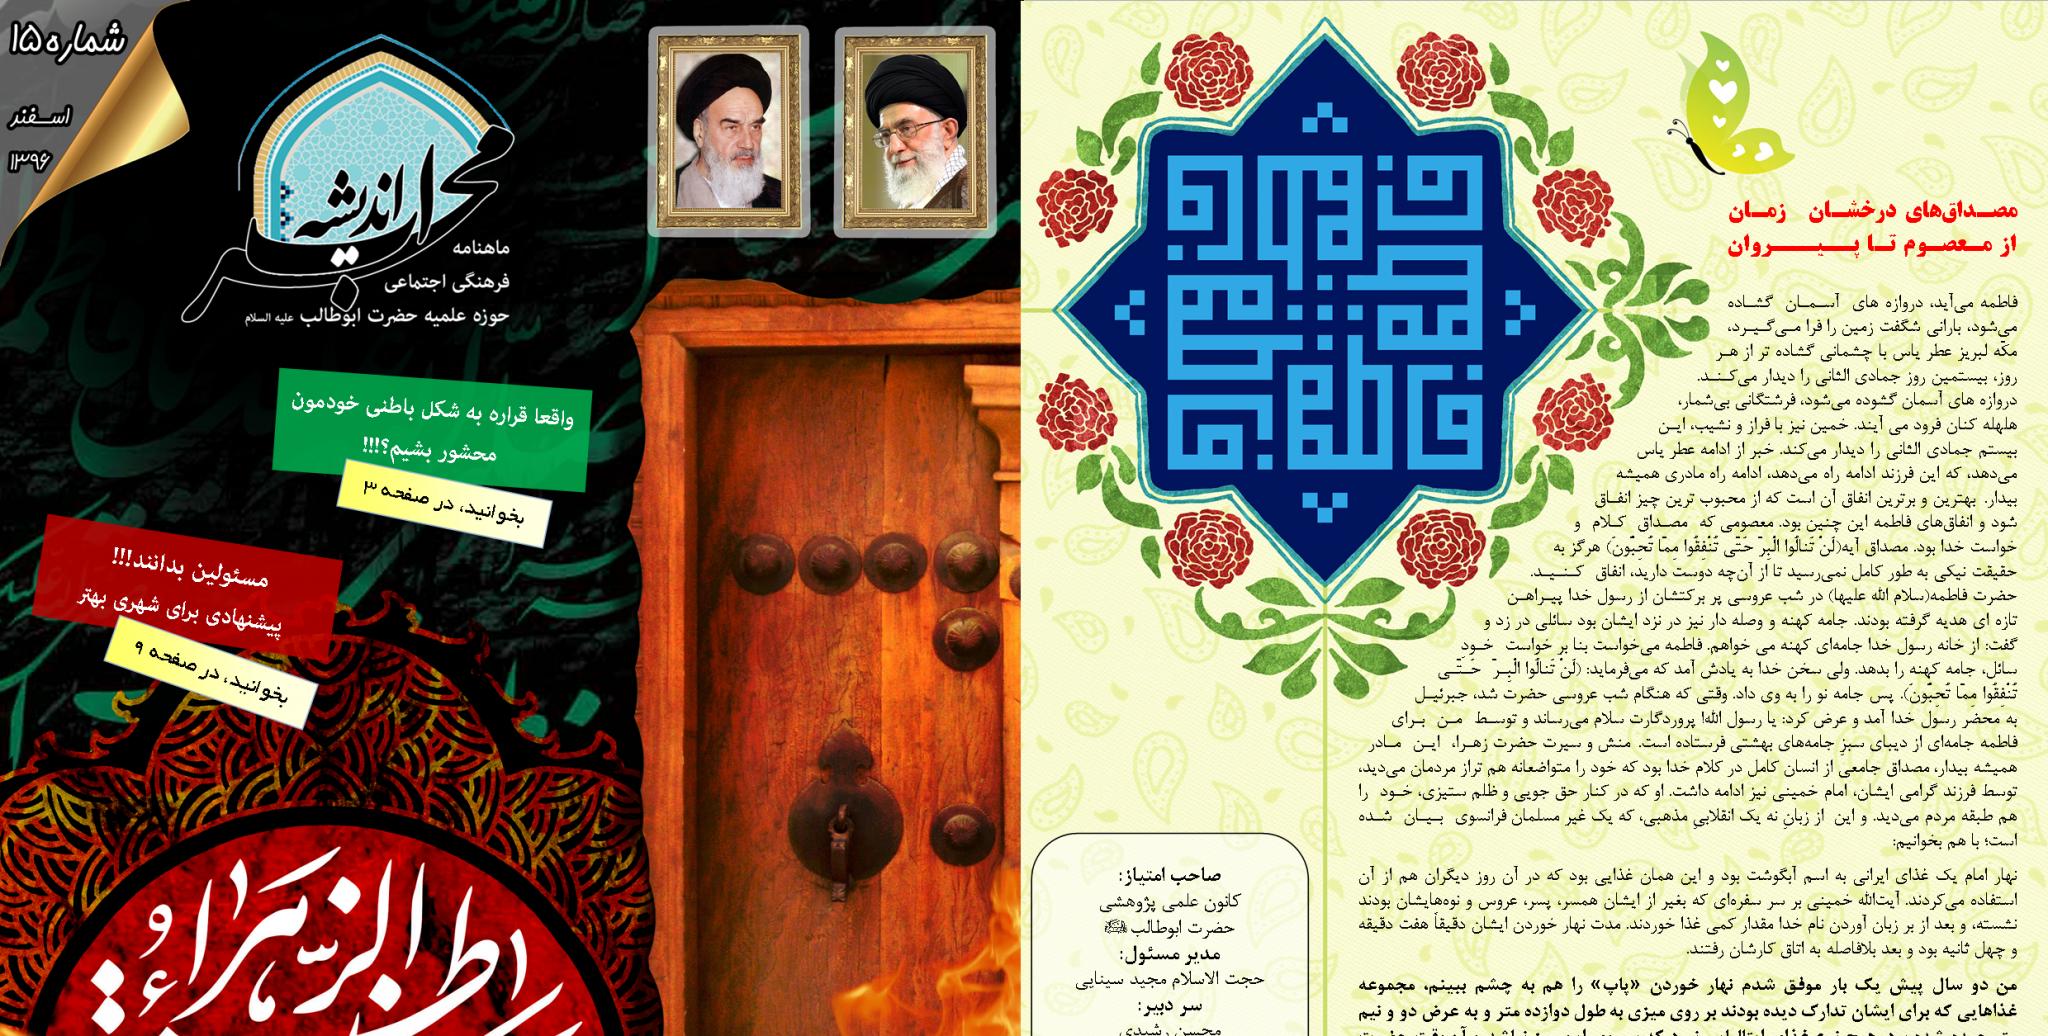 نشریه محراب اندیشه شماره 15